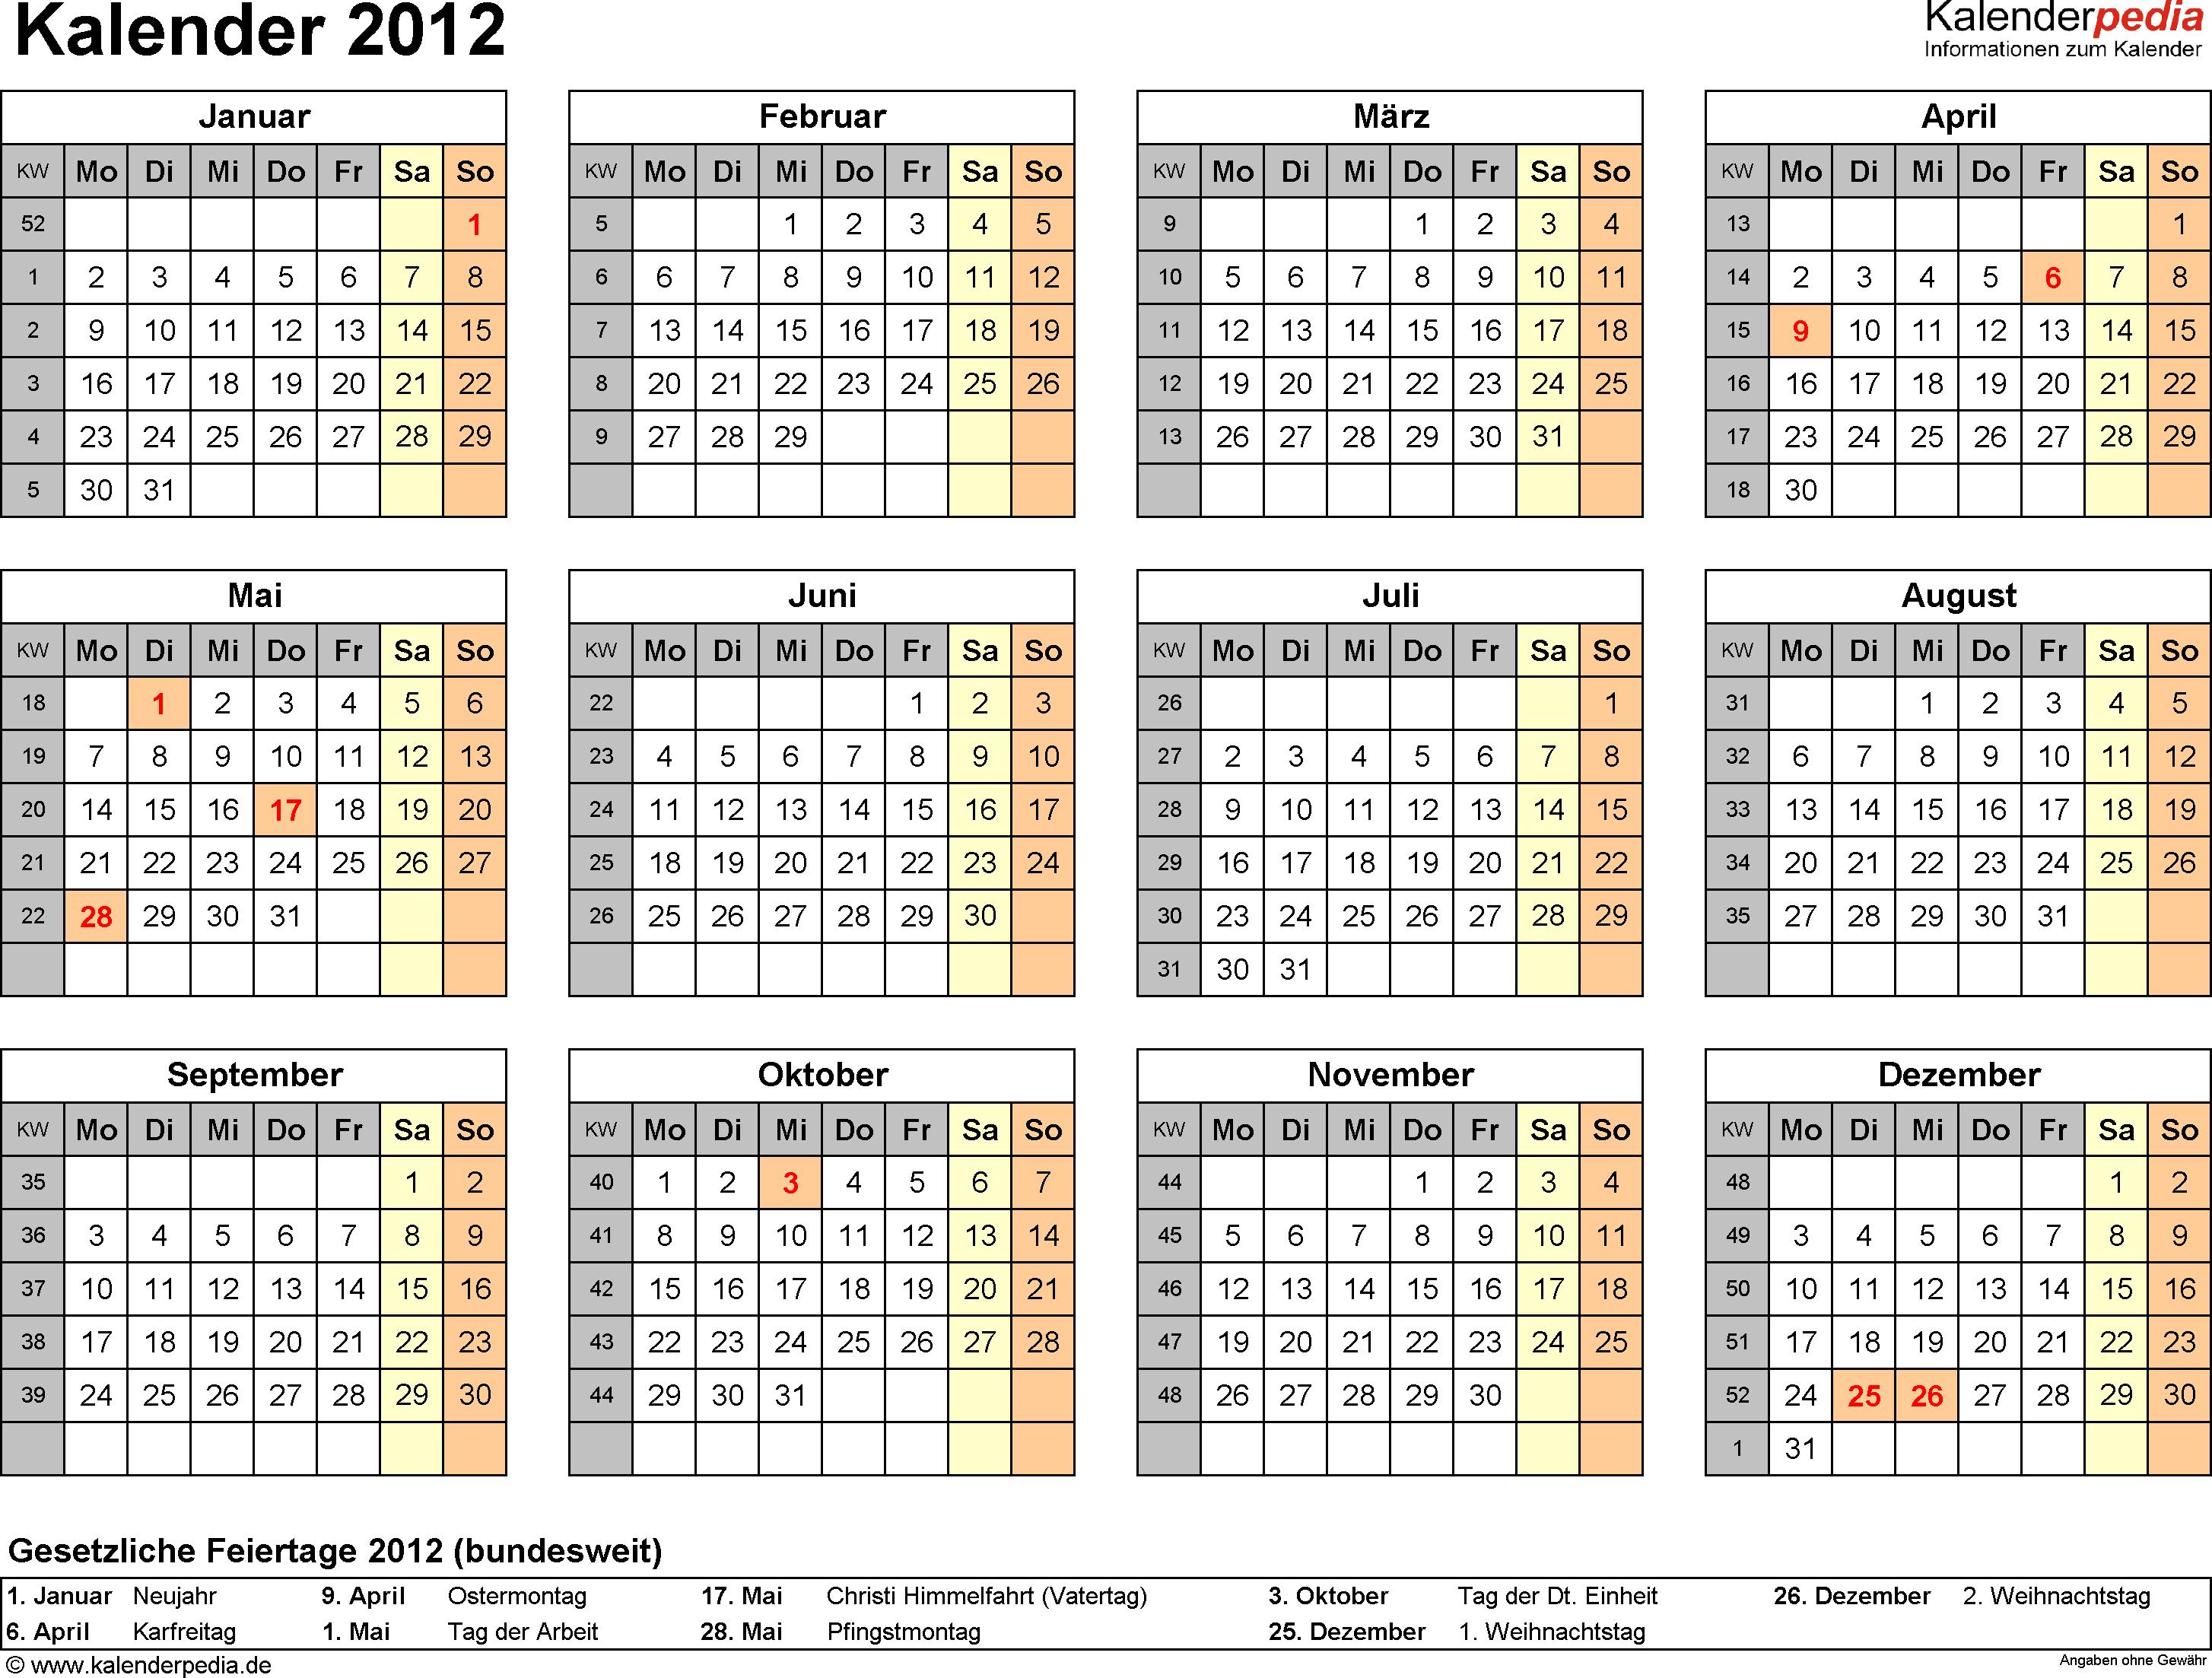 Vorlage 7: Jahreskalender 2012 als PDF-Vorlage, Querformat, DIN A4, 1 Seite, Jahresübersicht, mit Feiertagen und Kalenderwochen